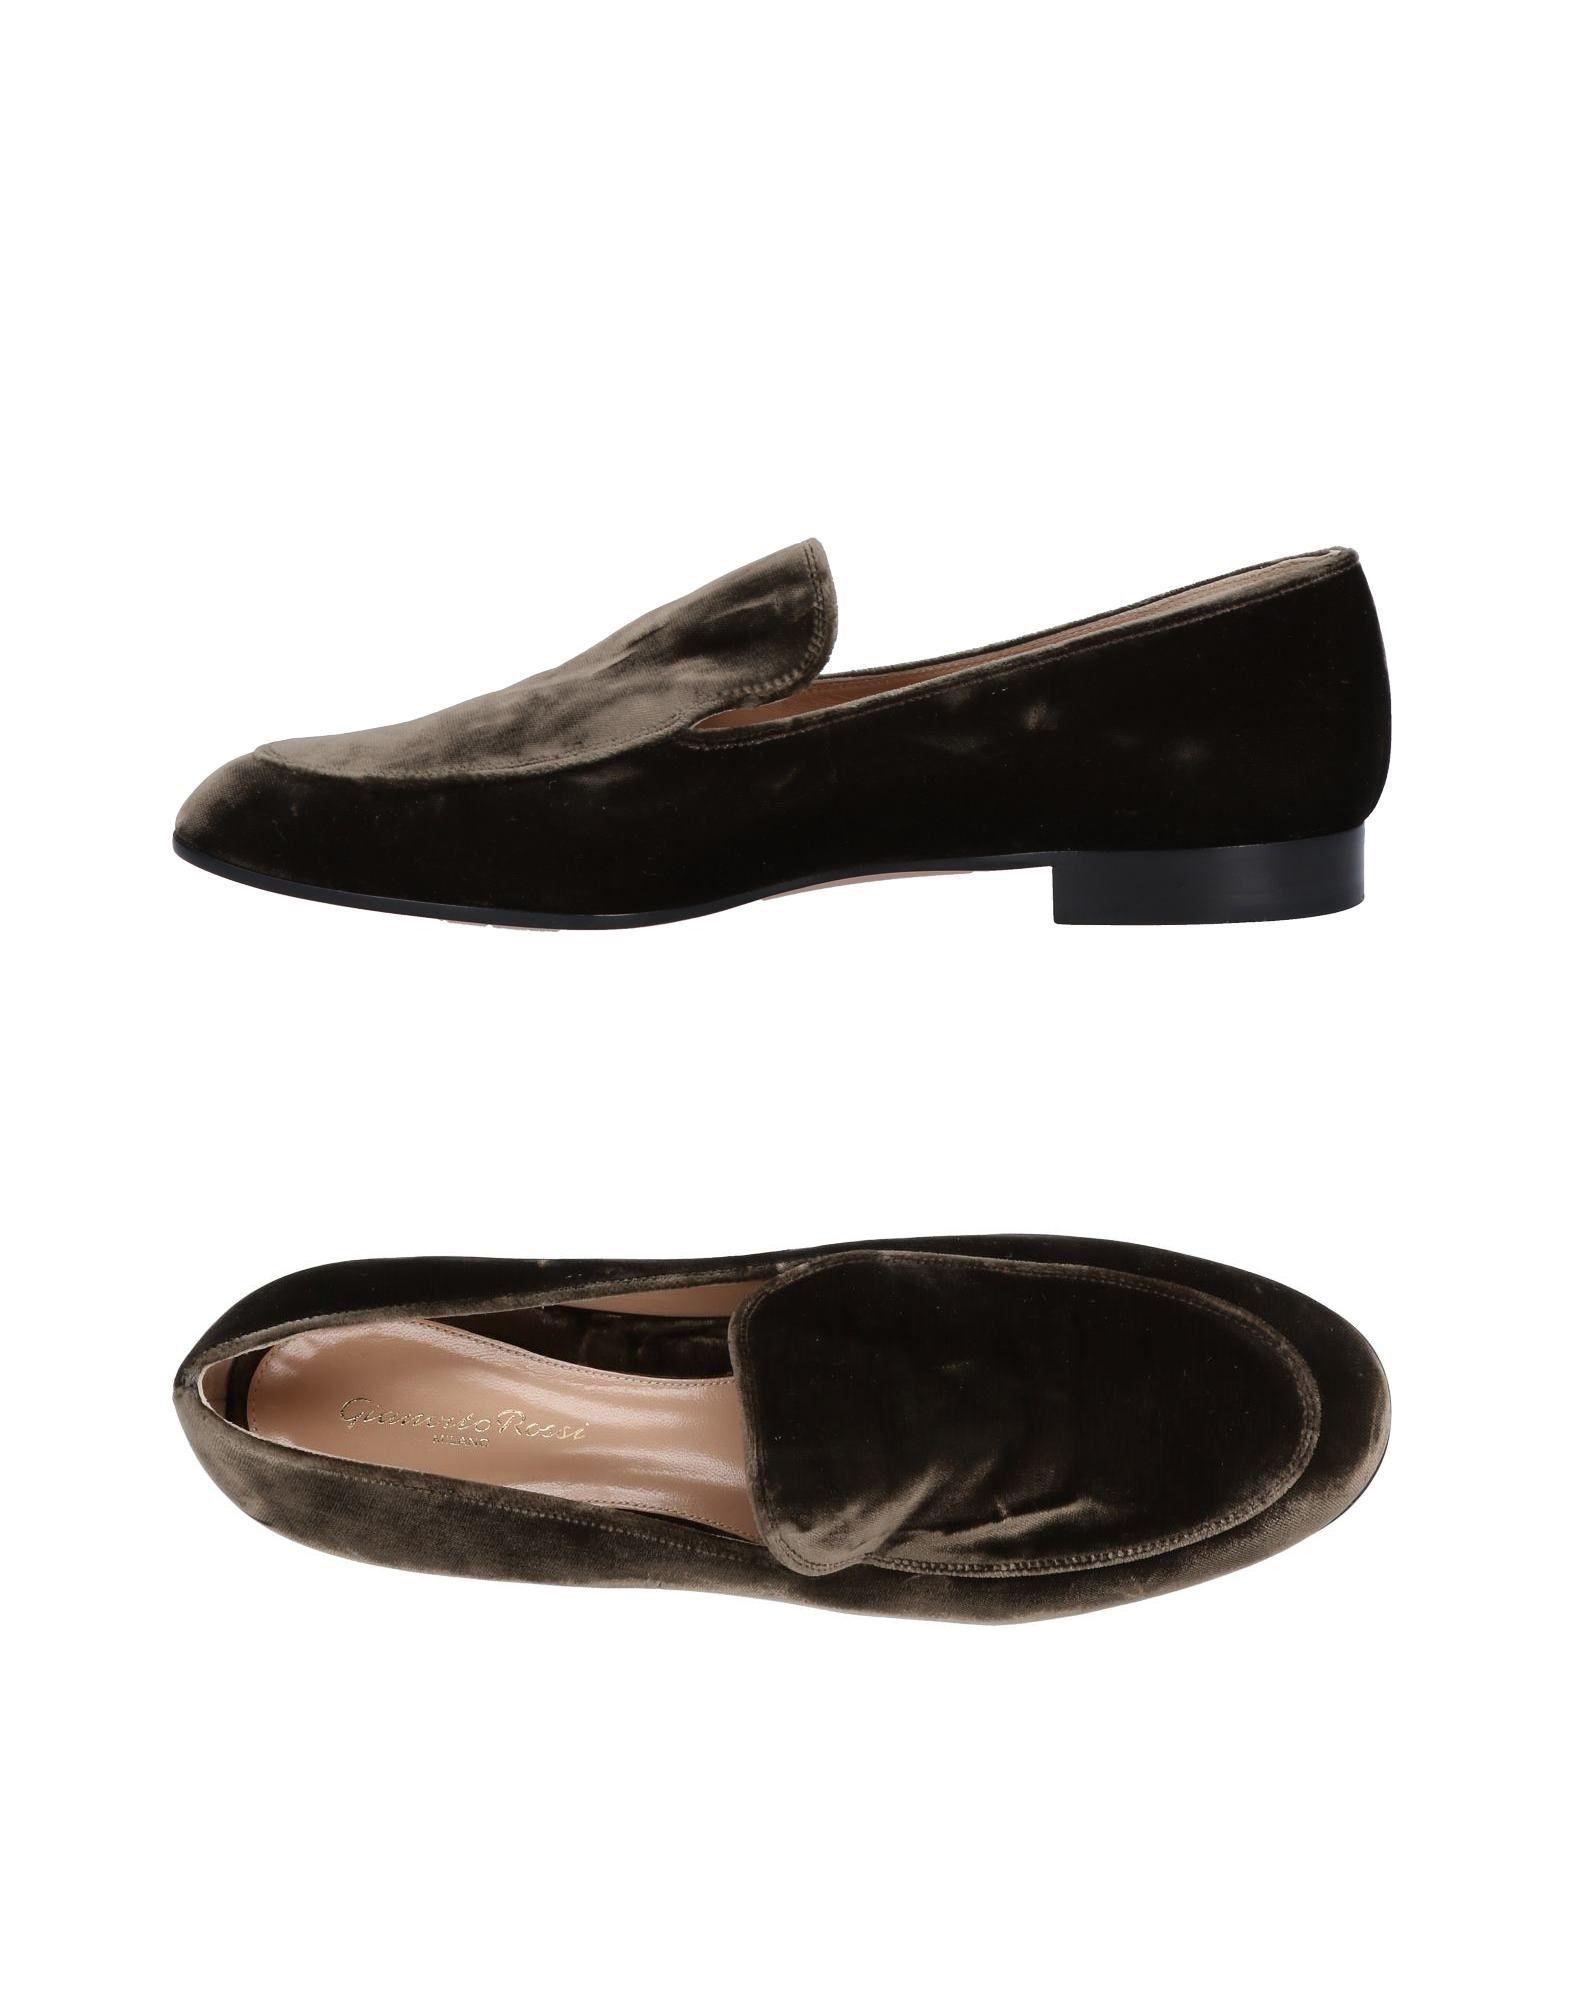 Sneakers Hogan Donna - 11137347KS Scarpe economiche e buone